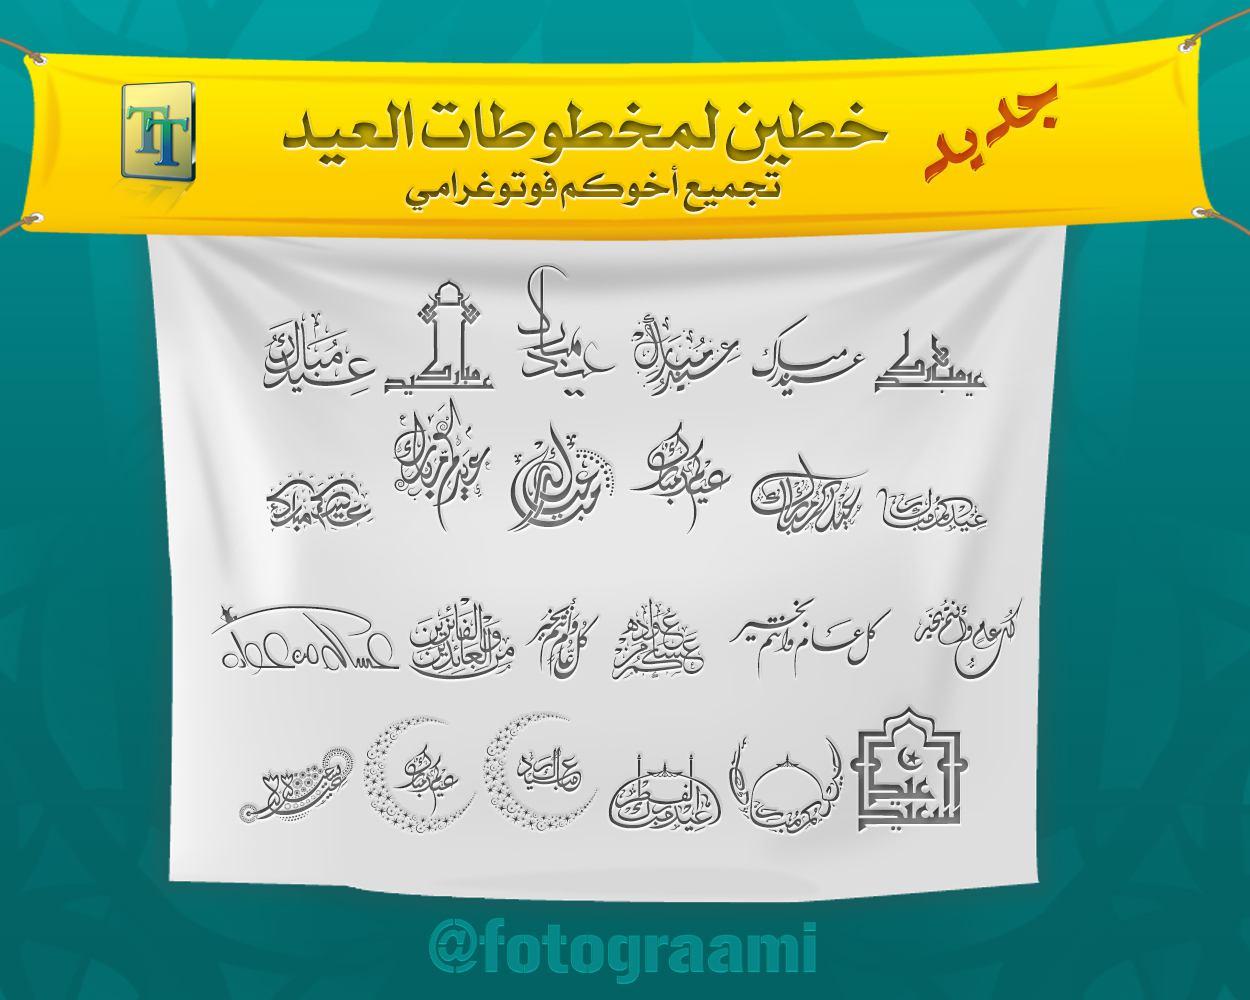 swishschool.comخطوط العيد أكثر من 120 مخطوطة عيد مبارك في خطين Font Eid Mubarak